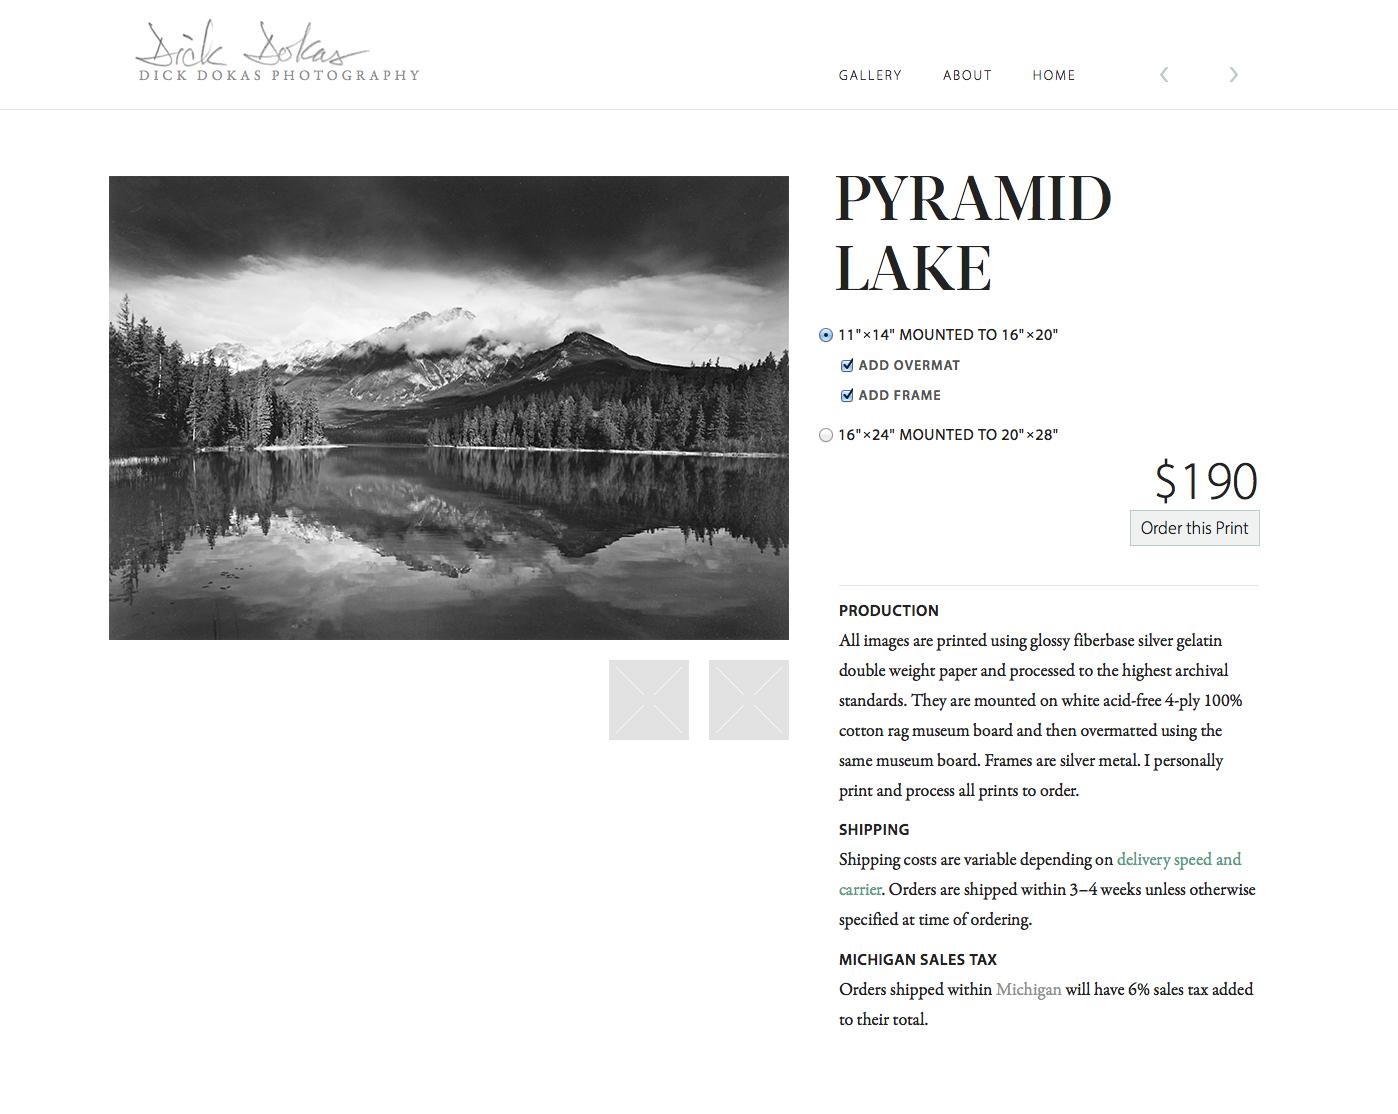 Pyramid lake1